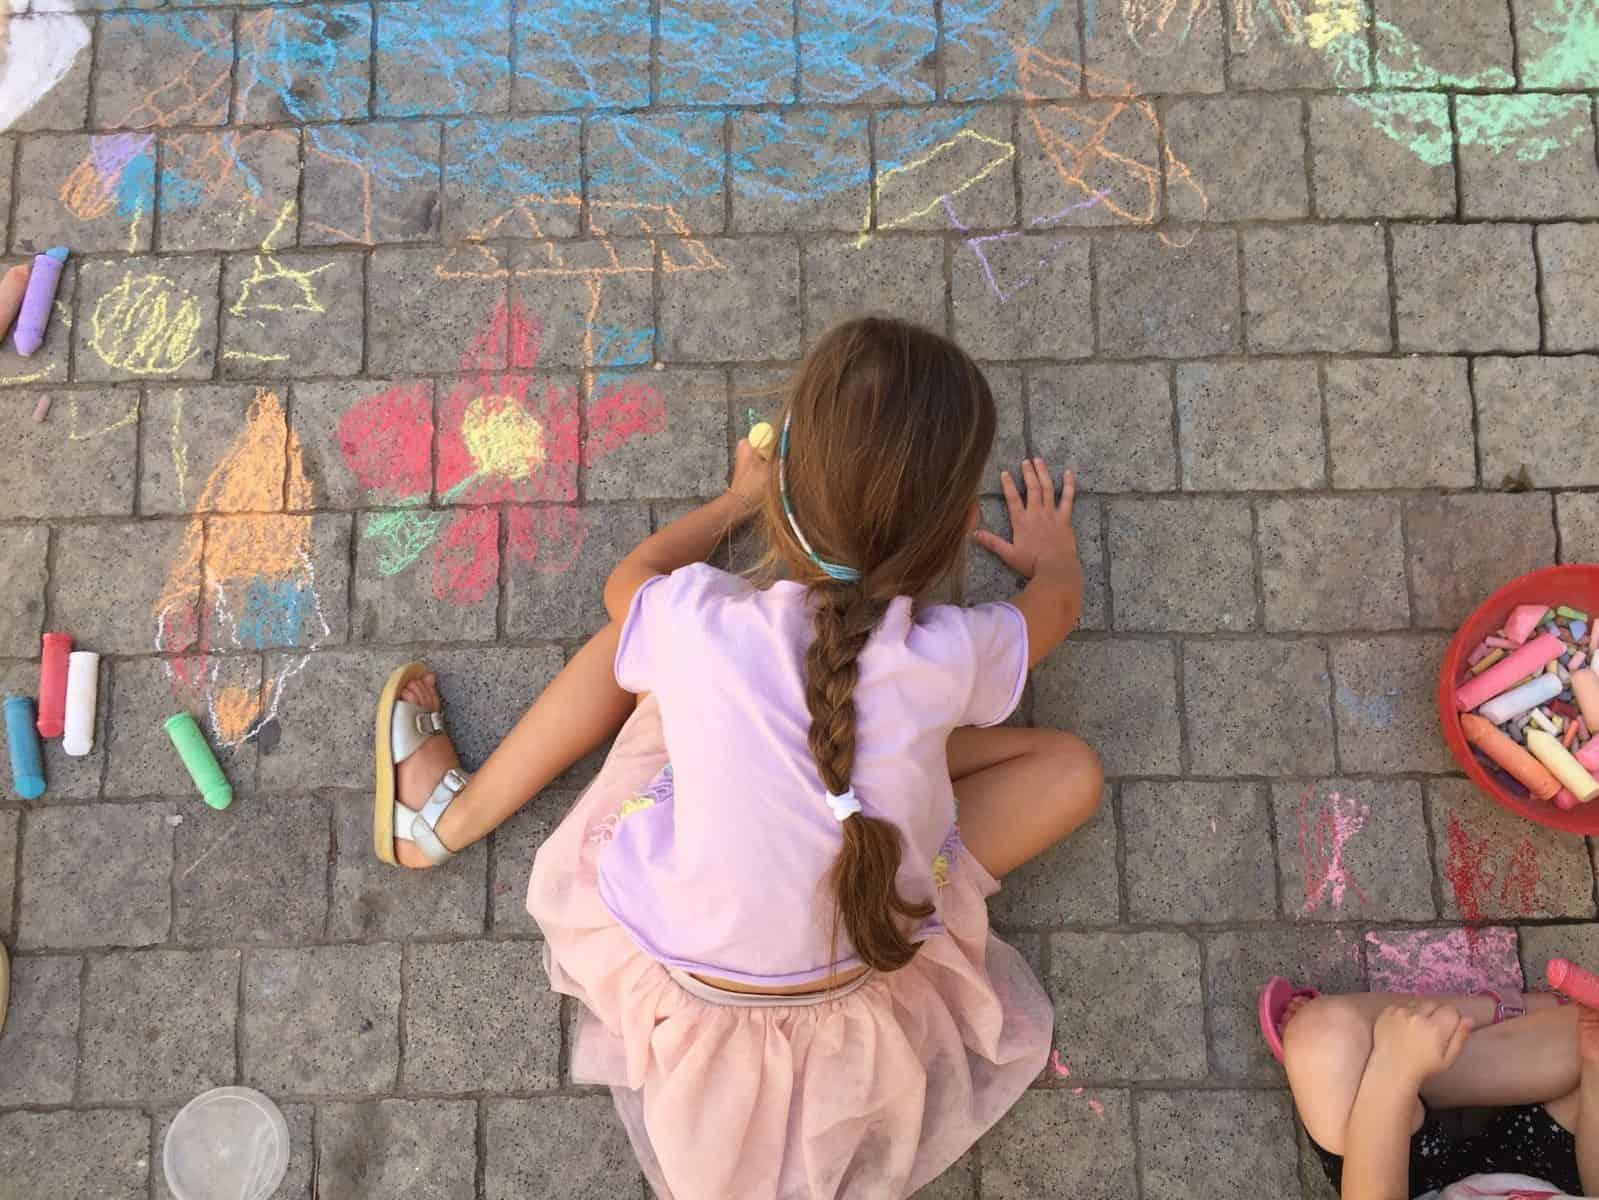 'ציור מדרכות': ציור מודרך בגירים